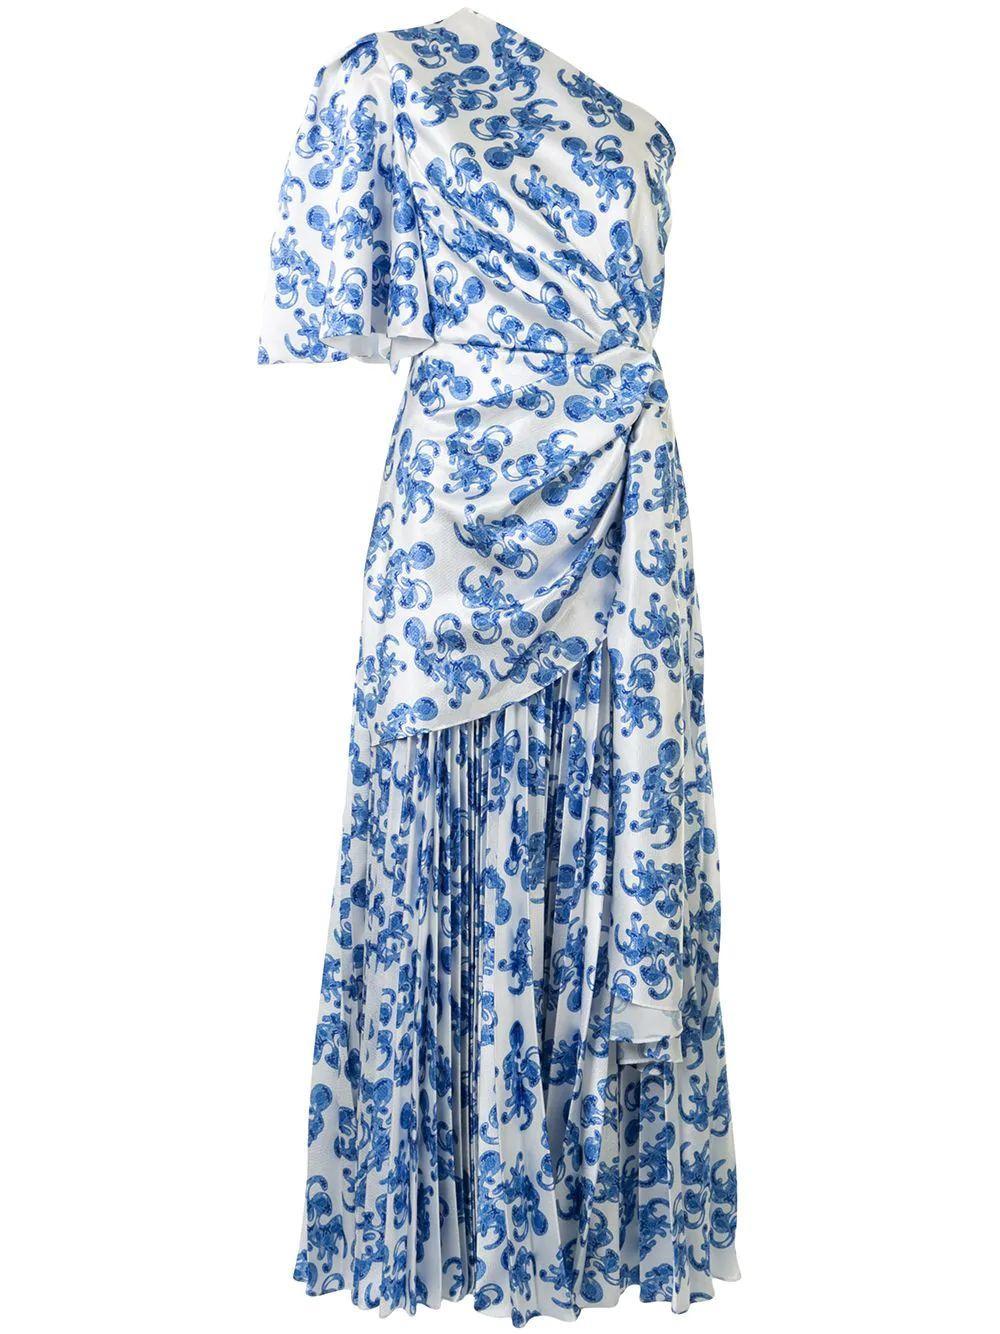 Blake Printed Dress Item # OS26069